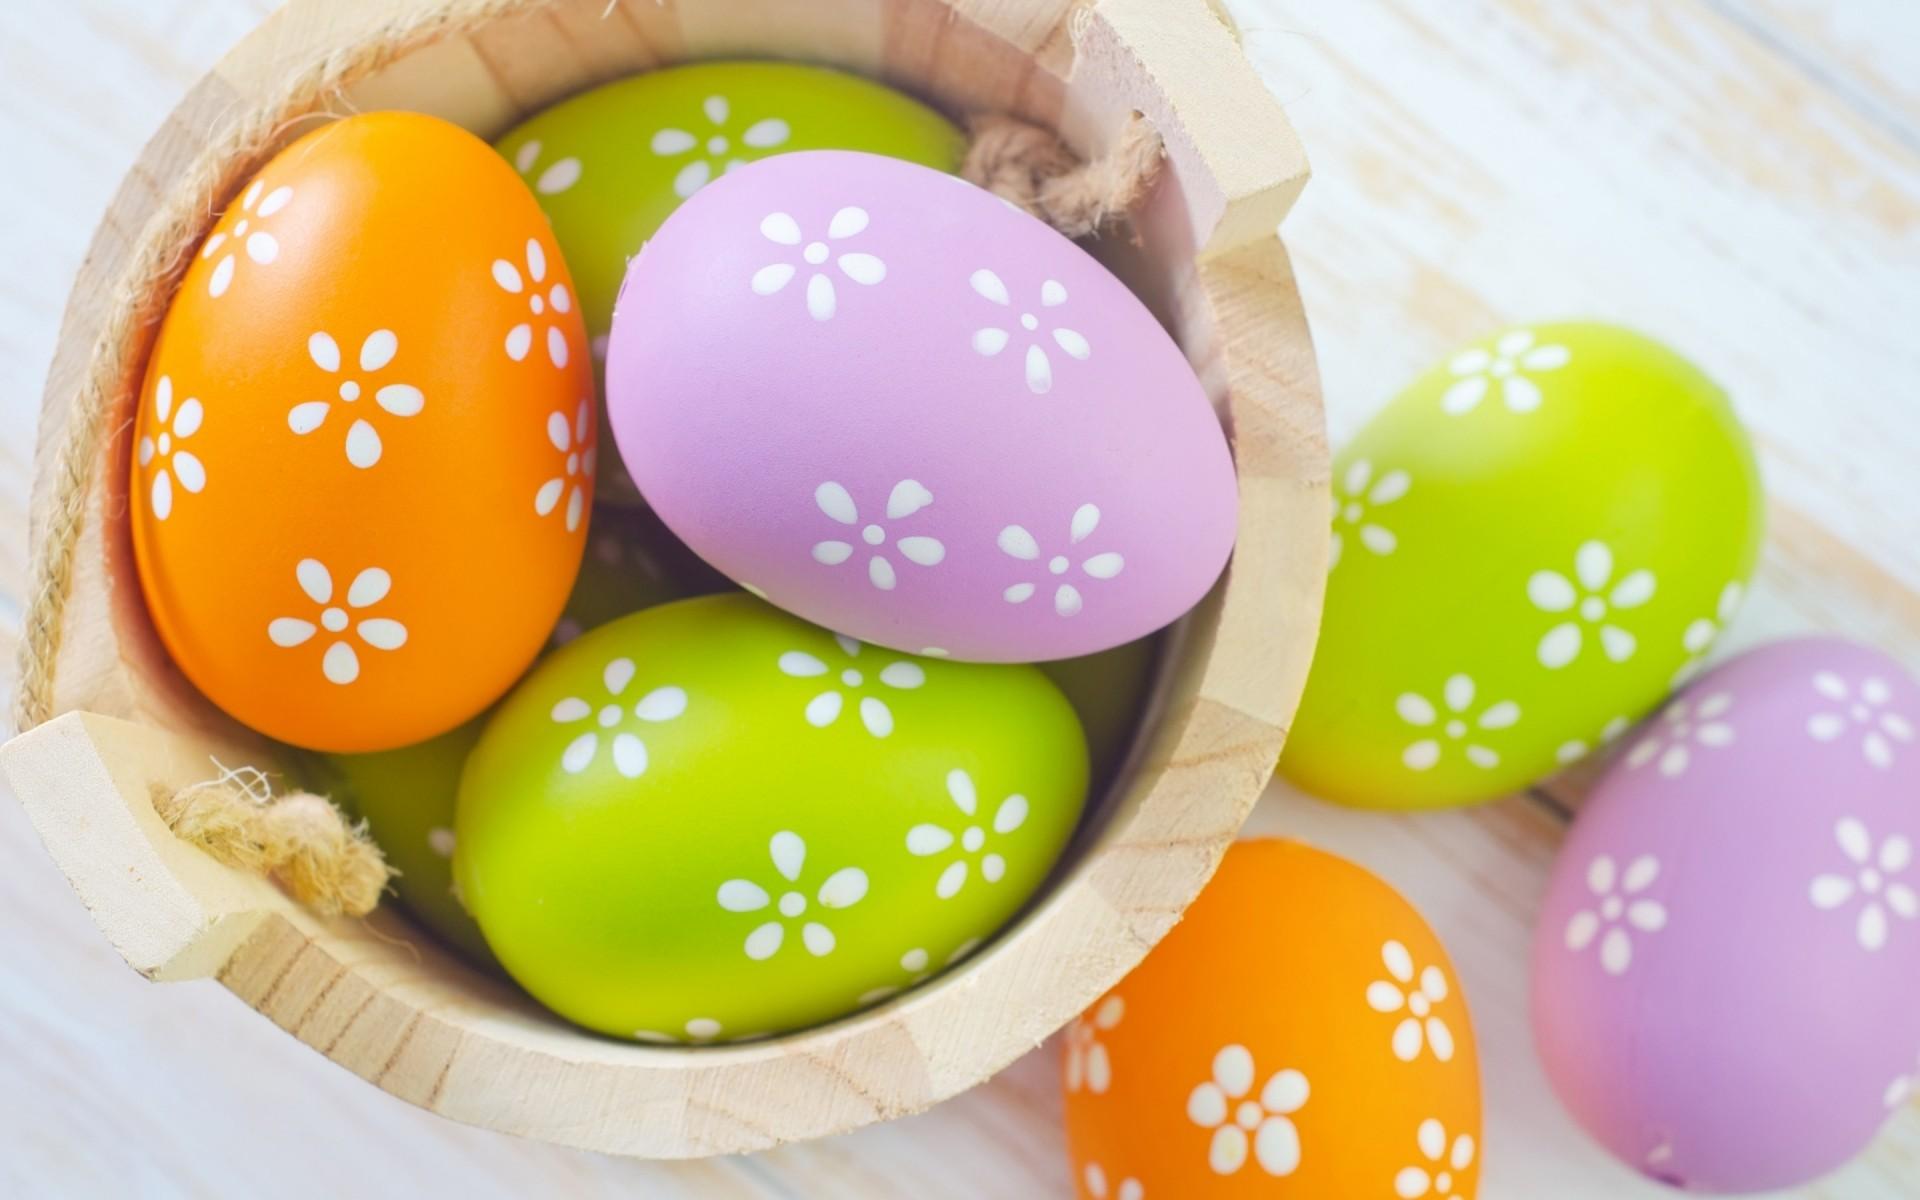 яйца картинки пасхи